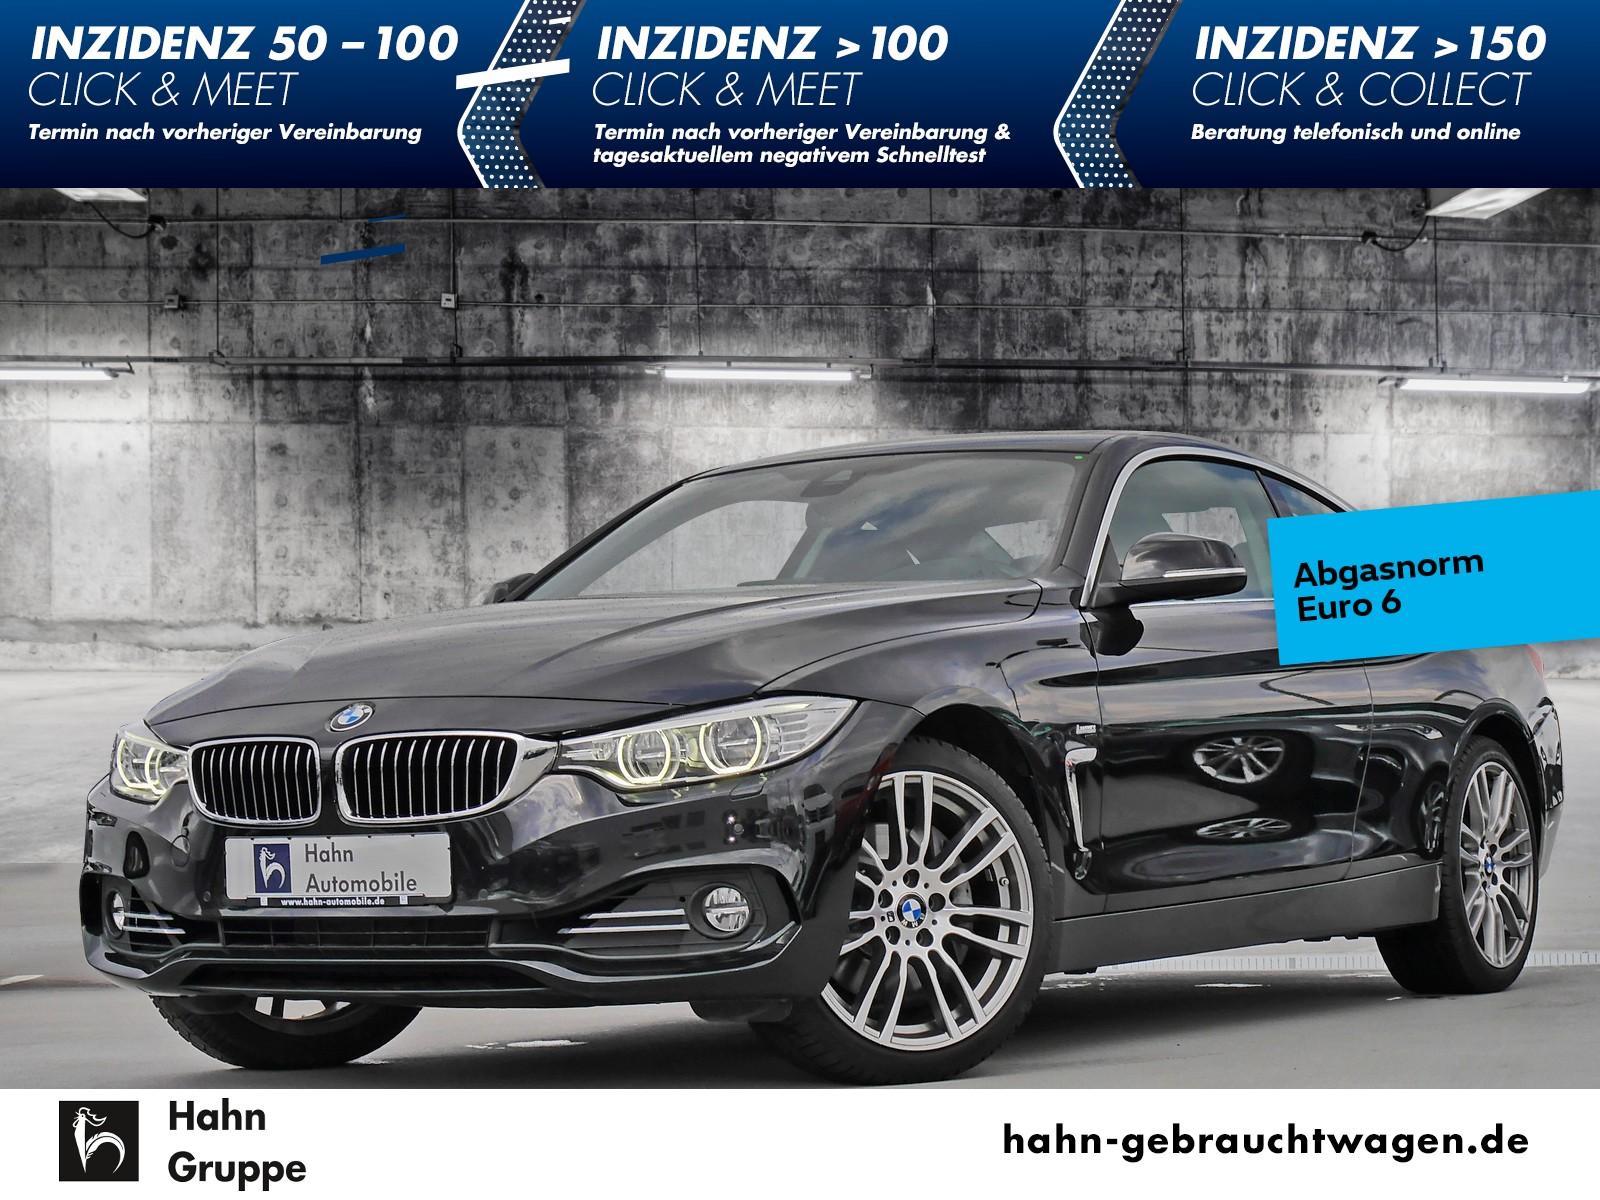 BMW 440i xDrive Luxury Line Navi Schiebedach Cam Leder, Jahr 2017, Benzin